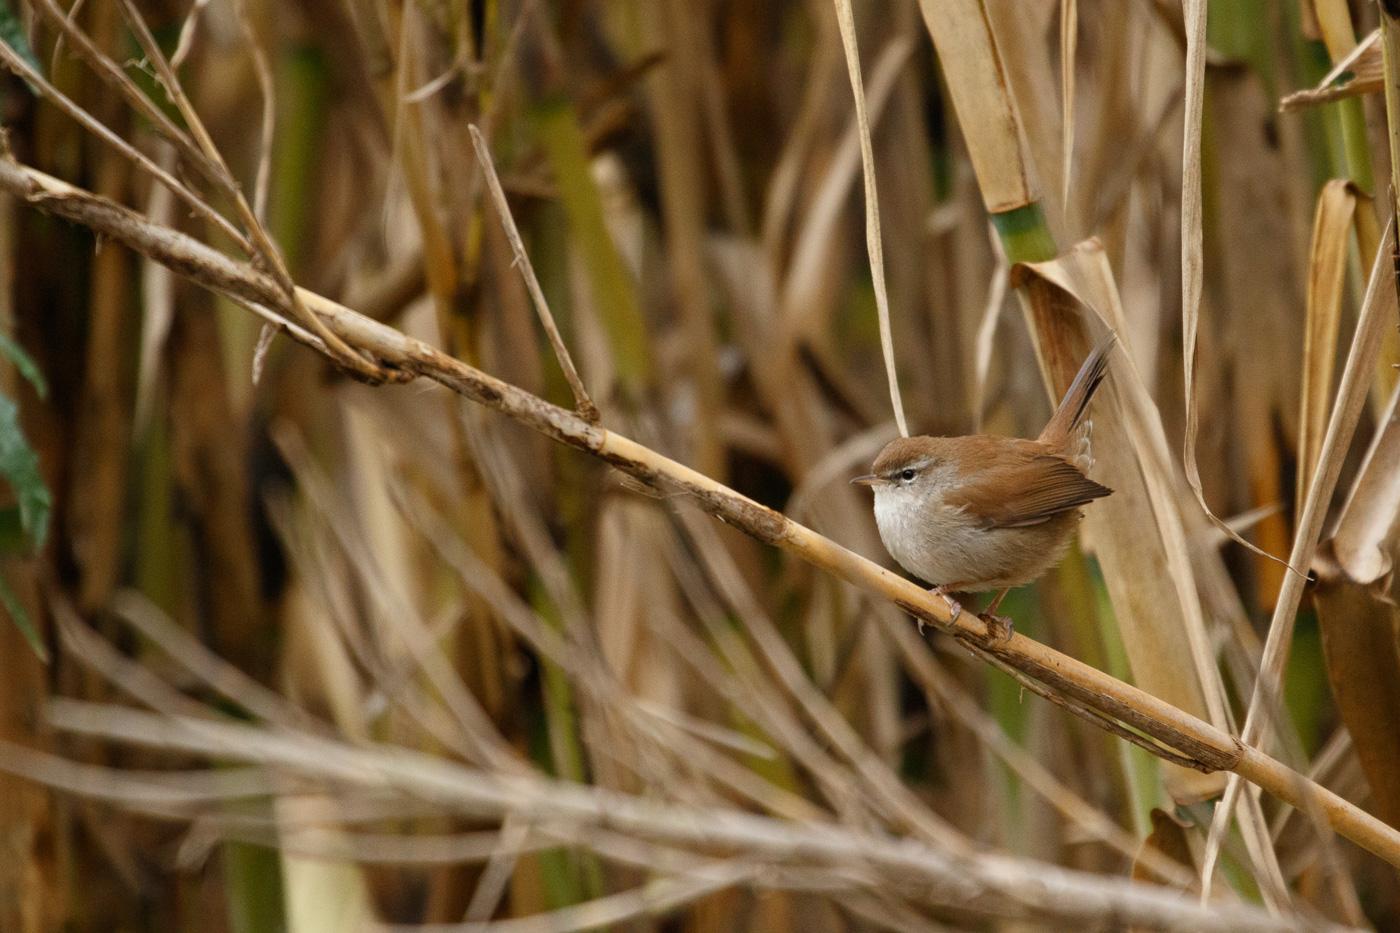 Rossinyol bord - Fauna salvatge - Raül Carmona - Fotografia, Fotografia d'estudi, esdeveniments i Natura